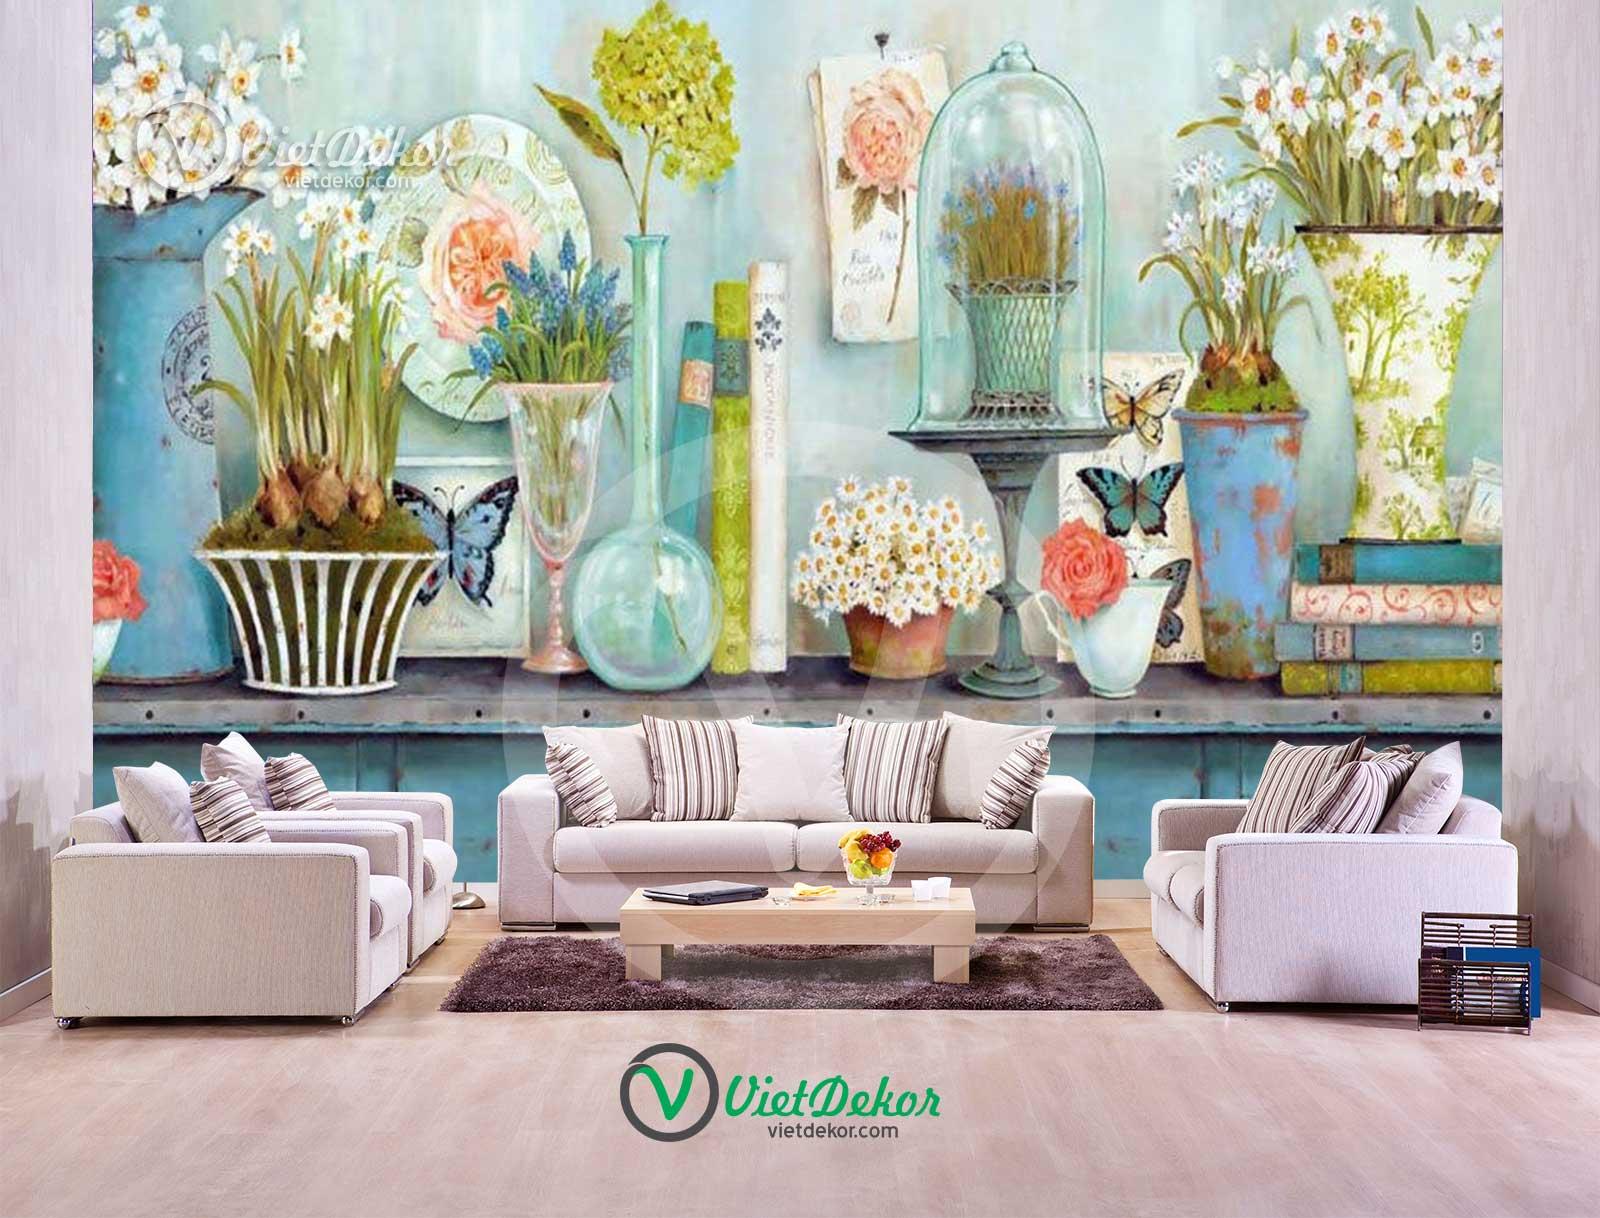 Tranh dán tường 3d  hoa bướm tranh quán